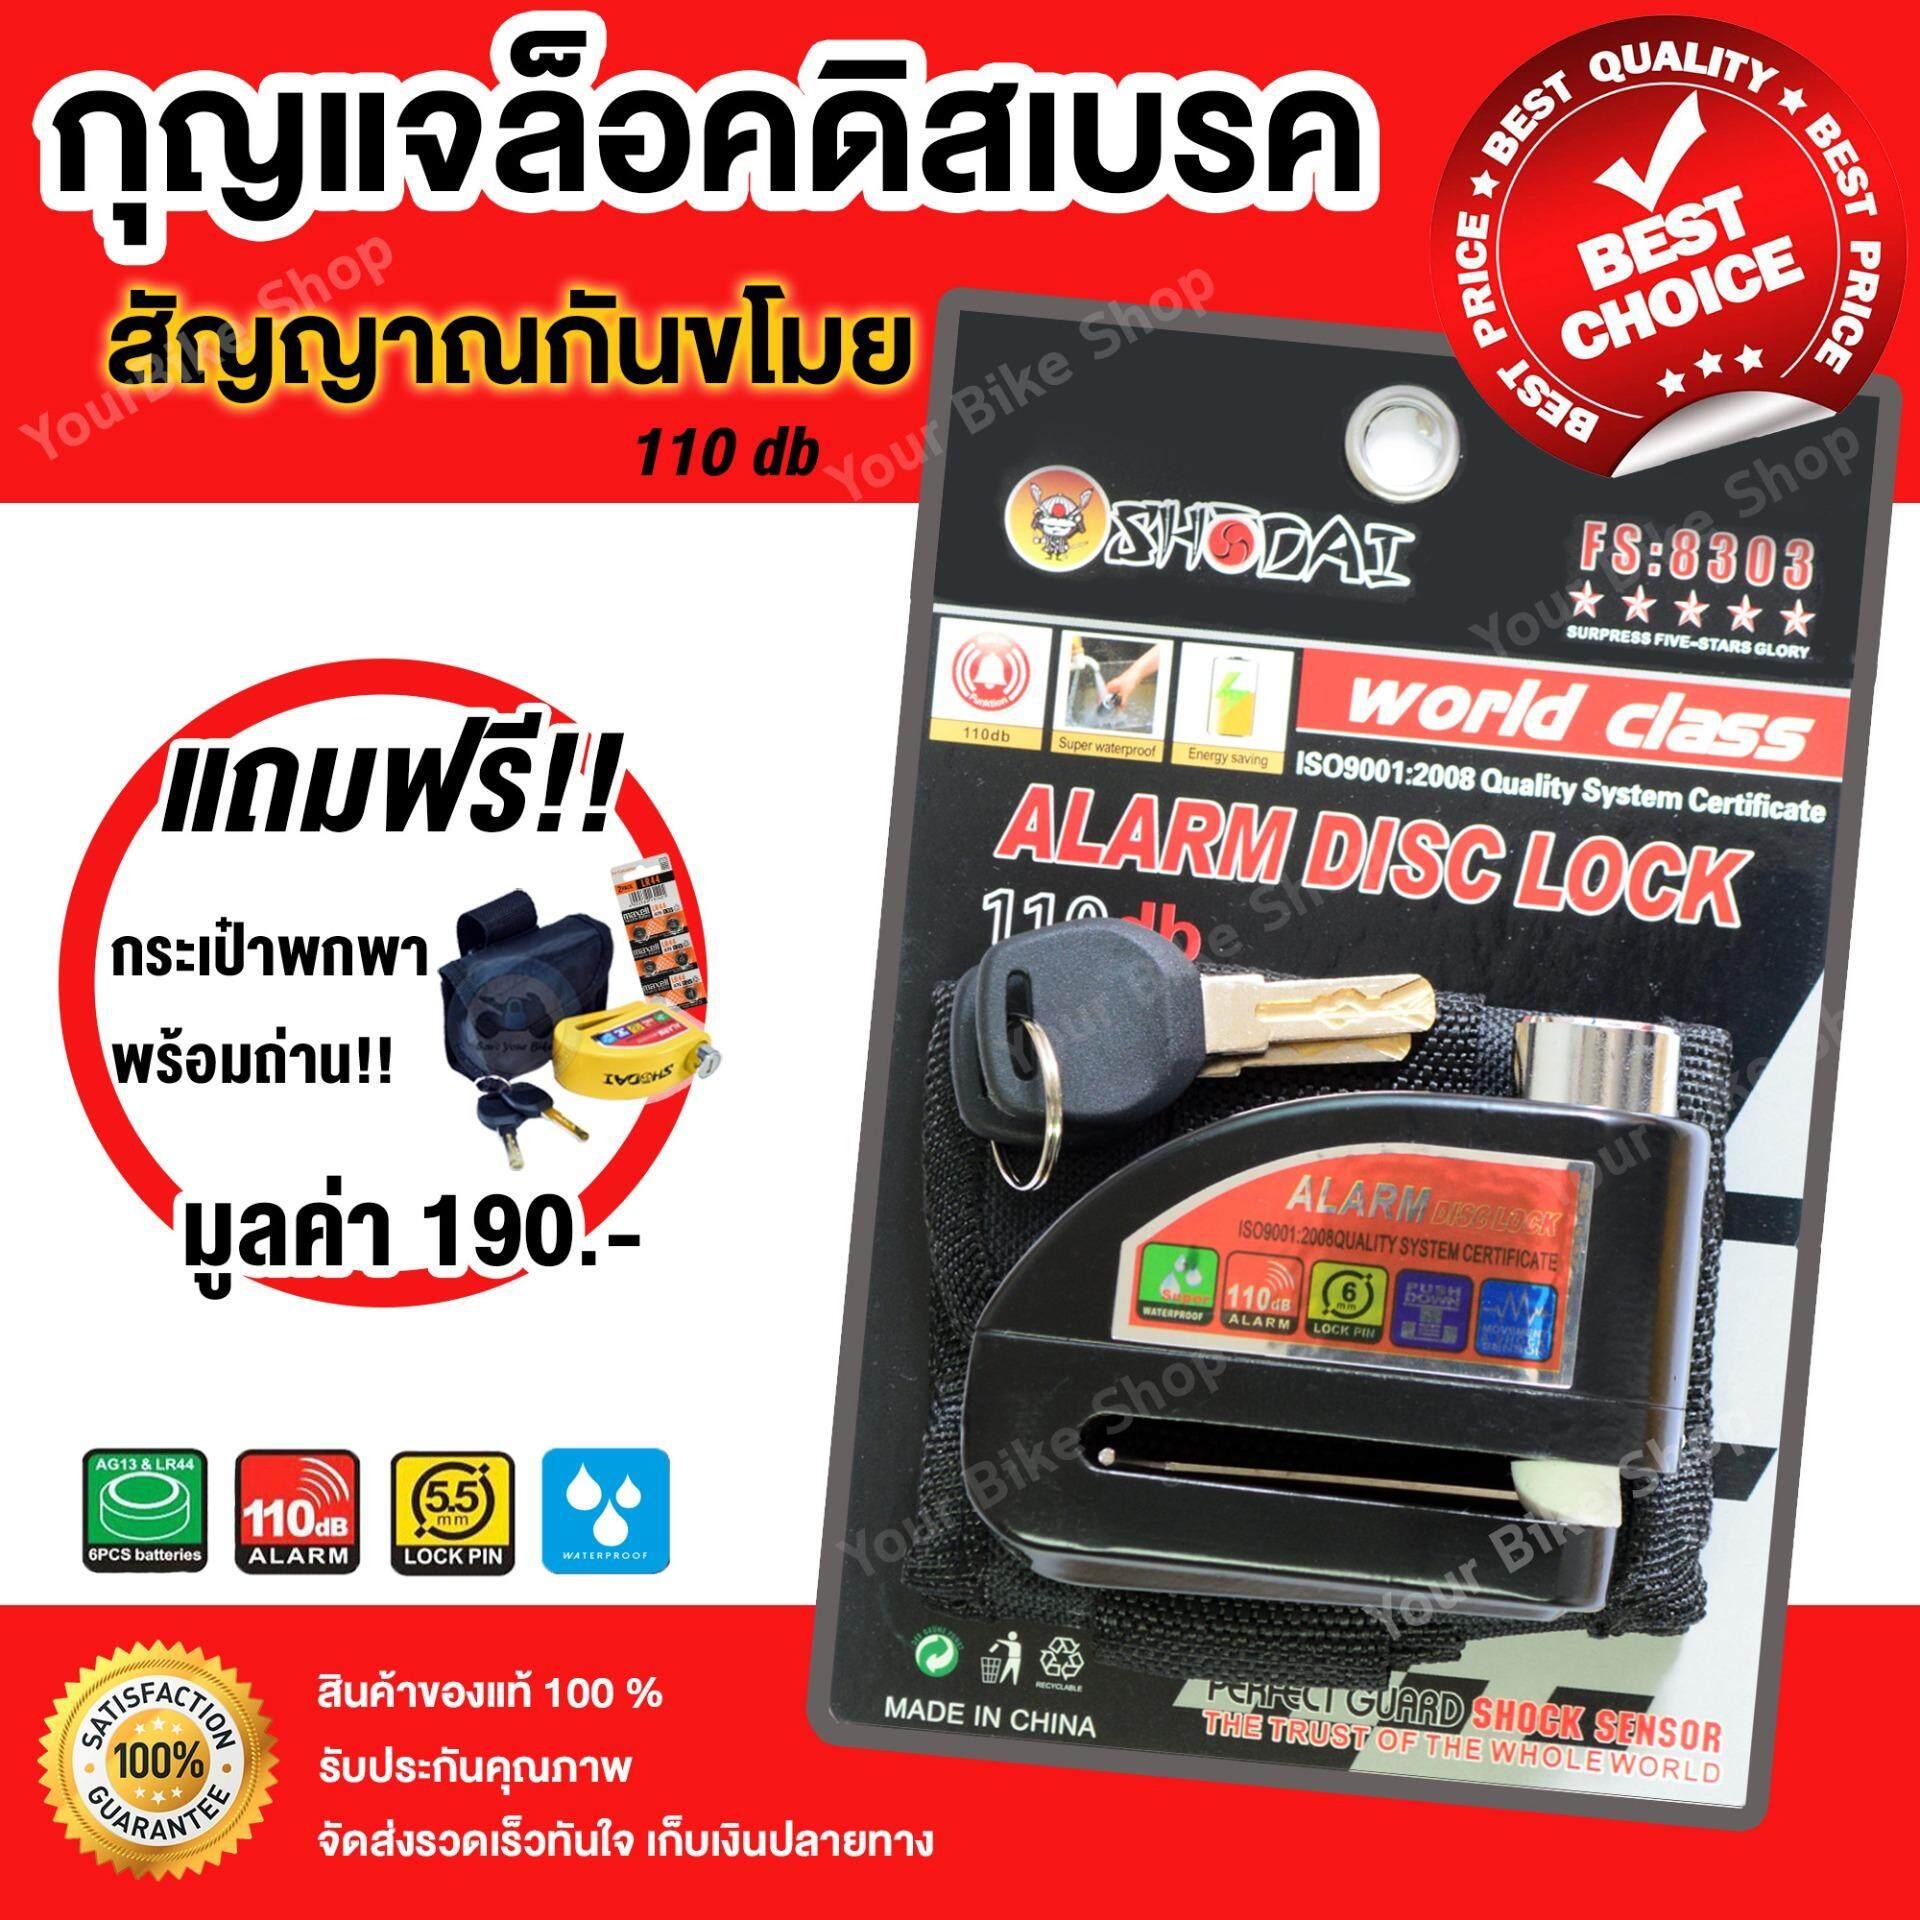 ราคา ล็อคดิสเบรค กุญแจ ล็อคดิส มอเตอร์ไซด์ รถจักรยานยนต์ มีเสียง กันขโมย กันน้ำ Shodai 110 Db Black Color Shodai Thailand